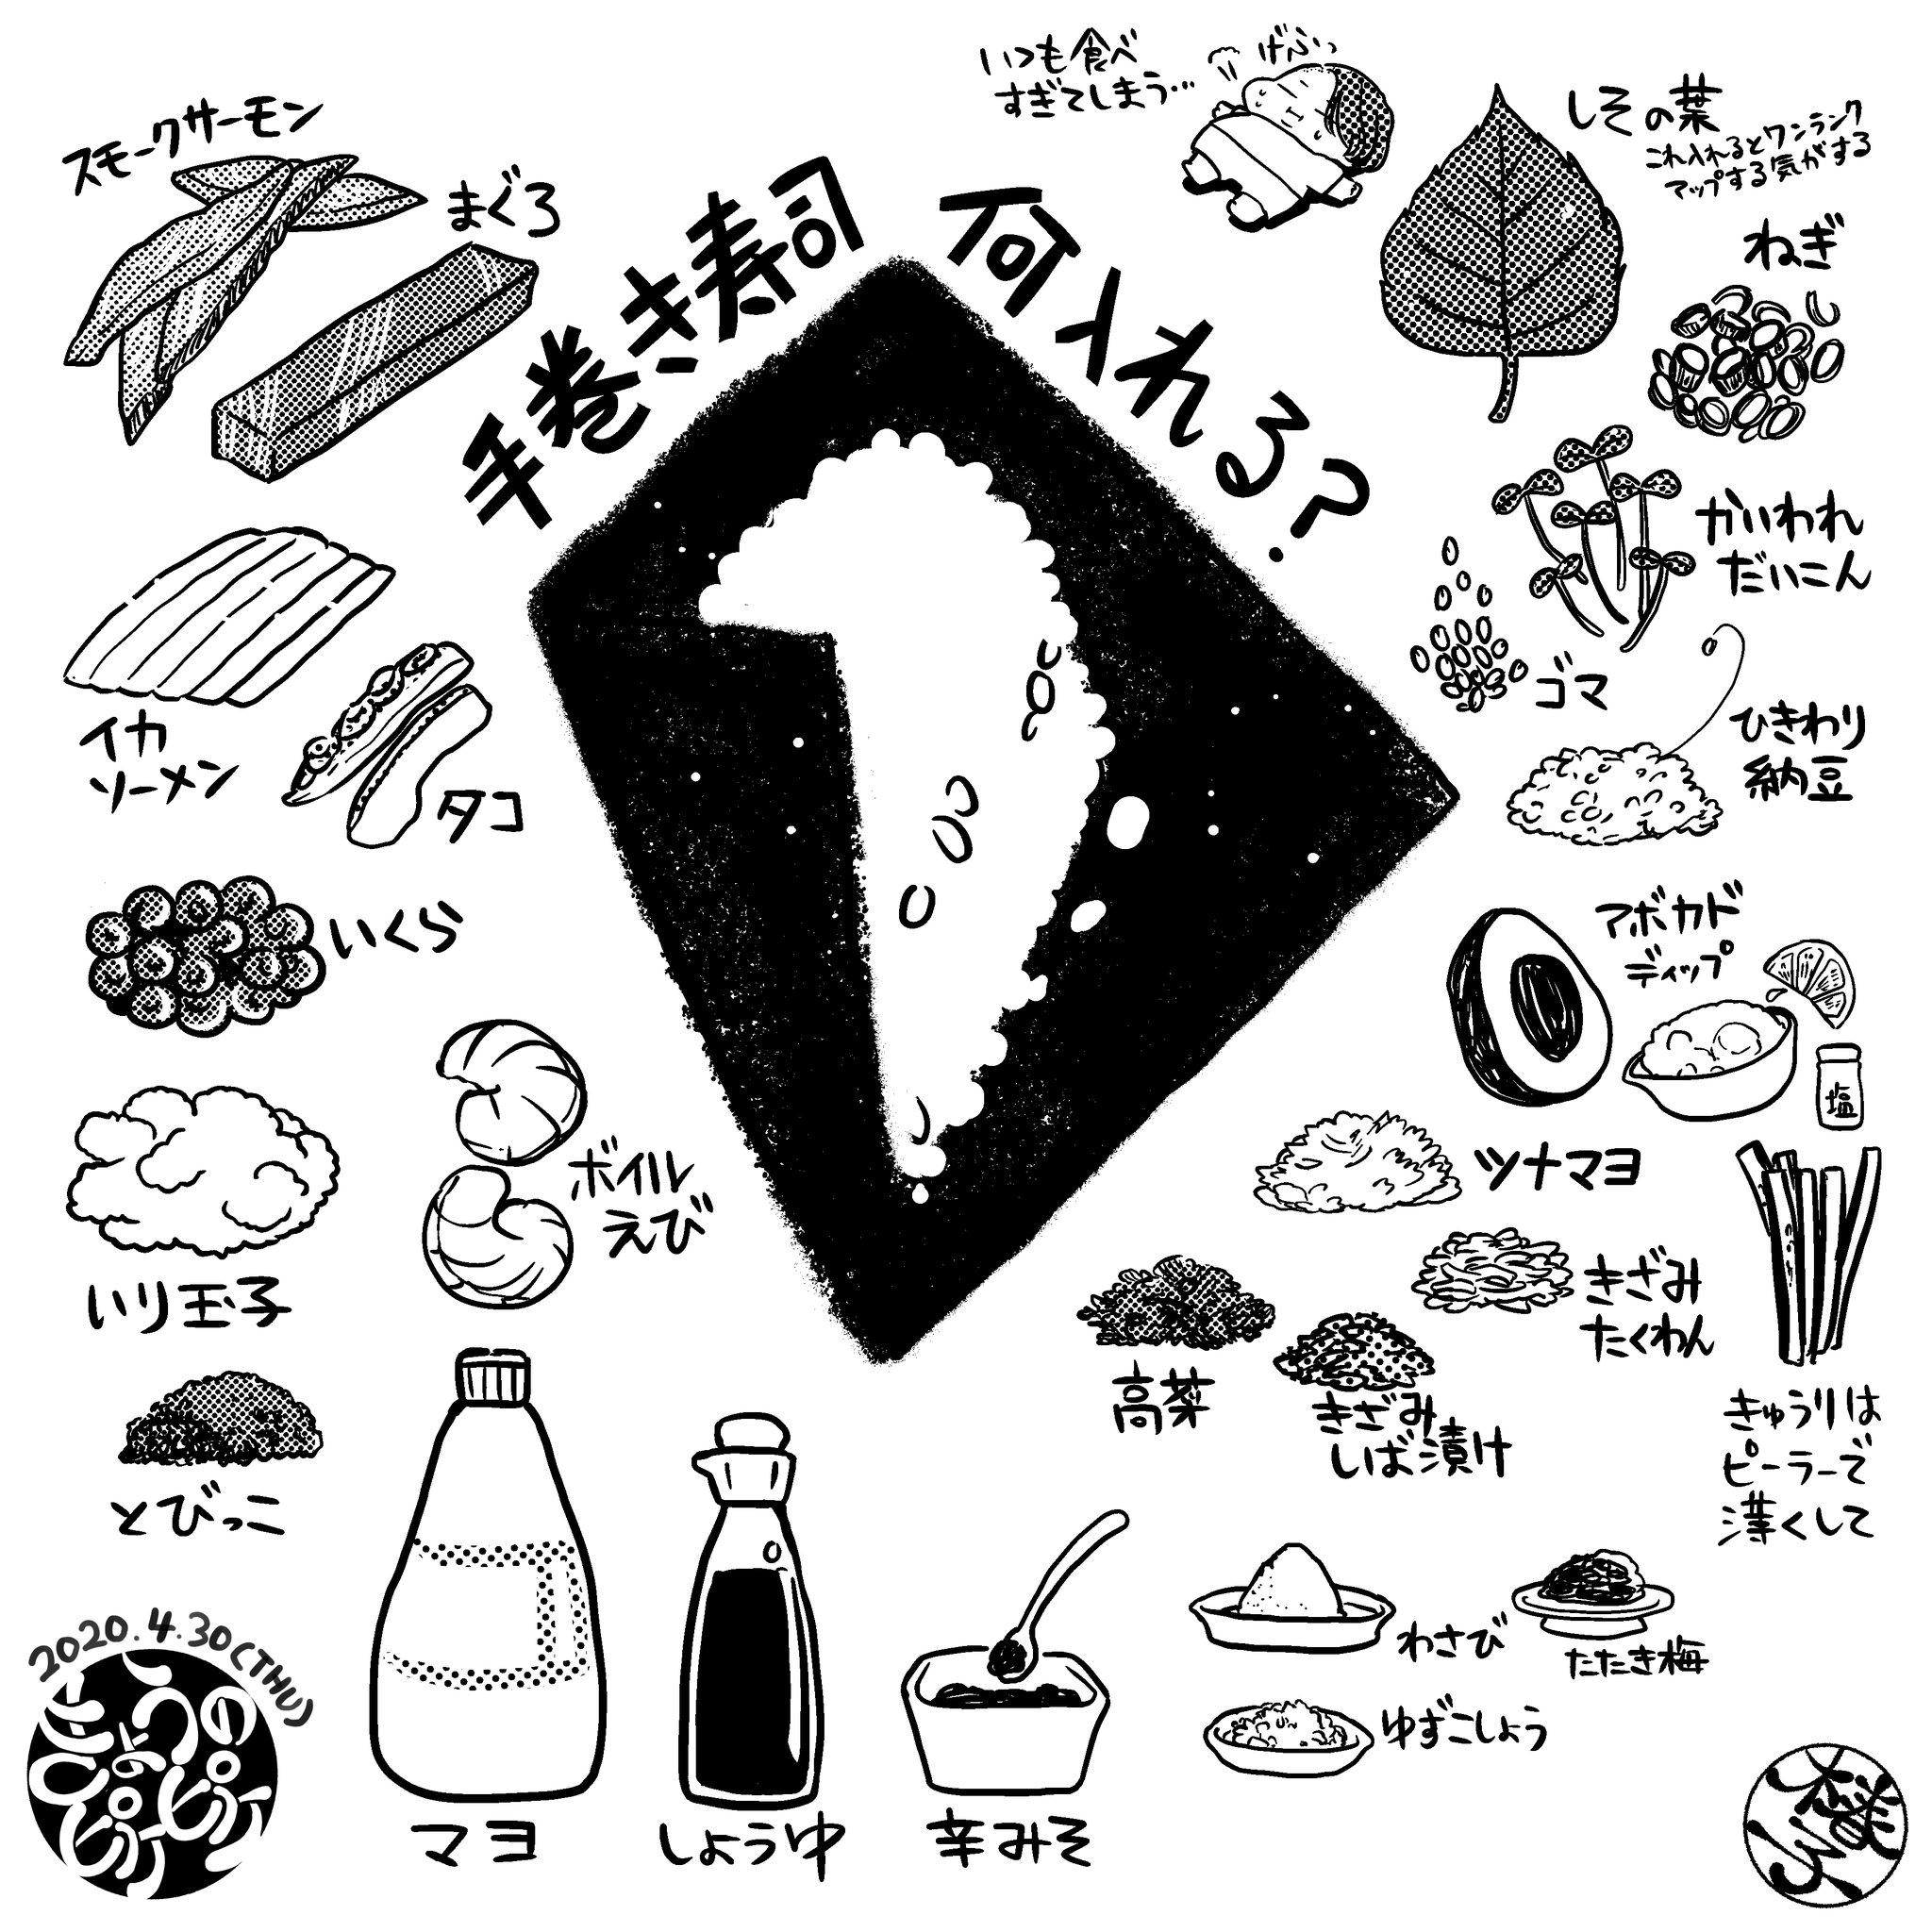 手巻き寿司に何を入れますか?